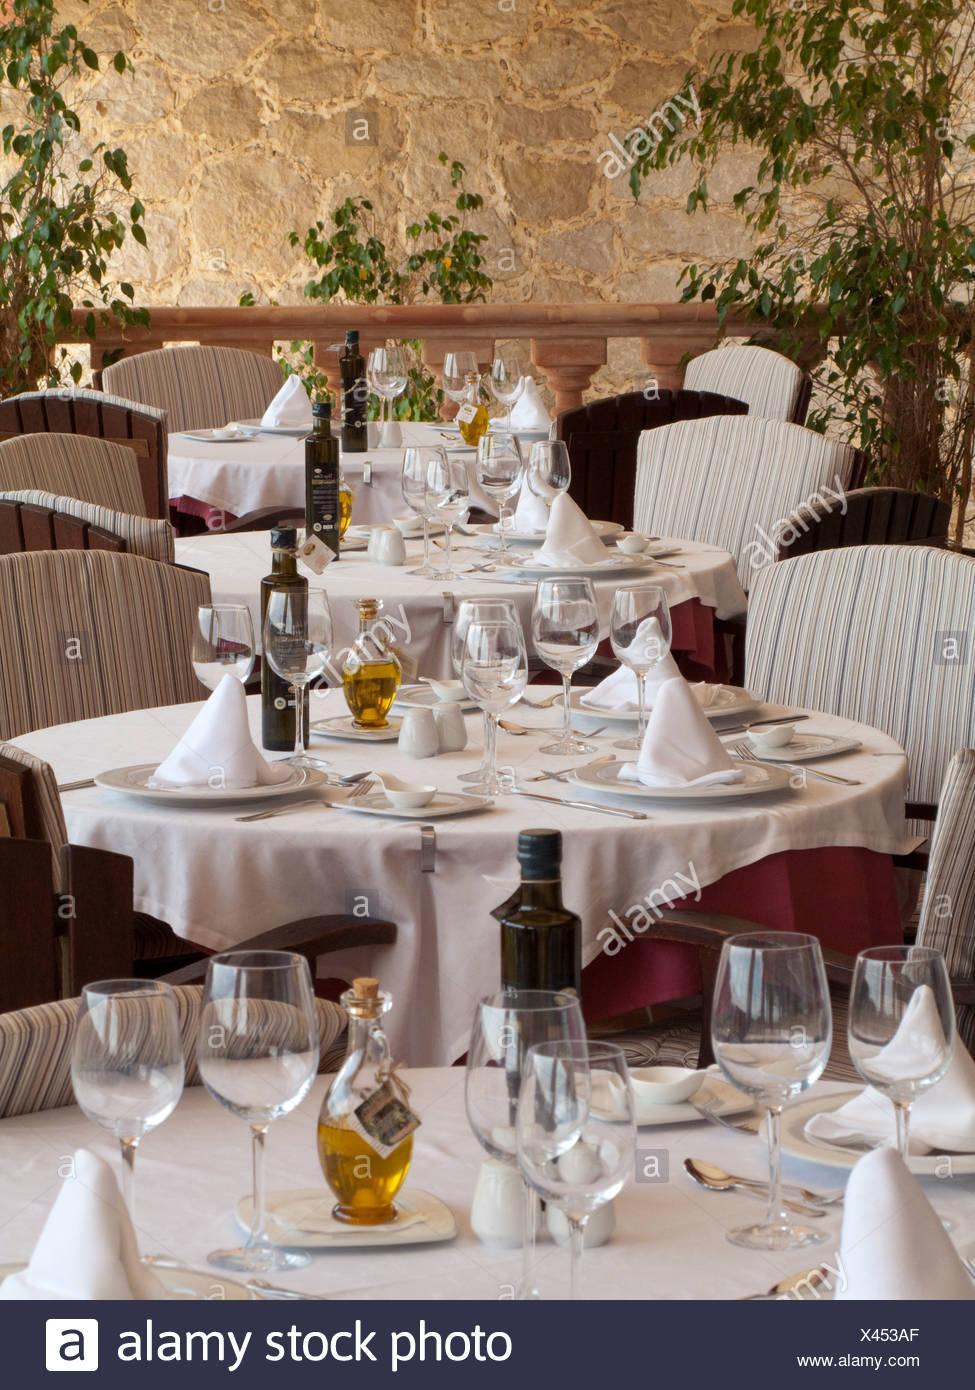 Eleganti tavoli da pranzo in ristorante allestito con bicchieri di vino Immagini Stock